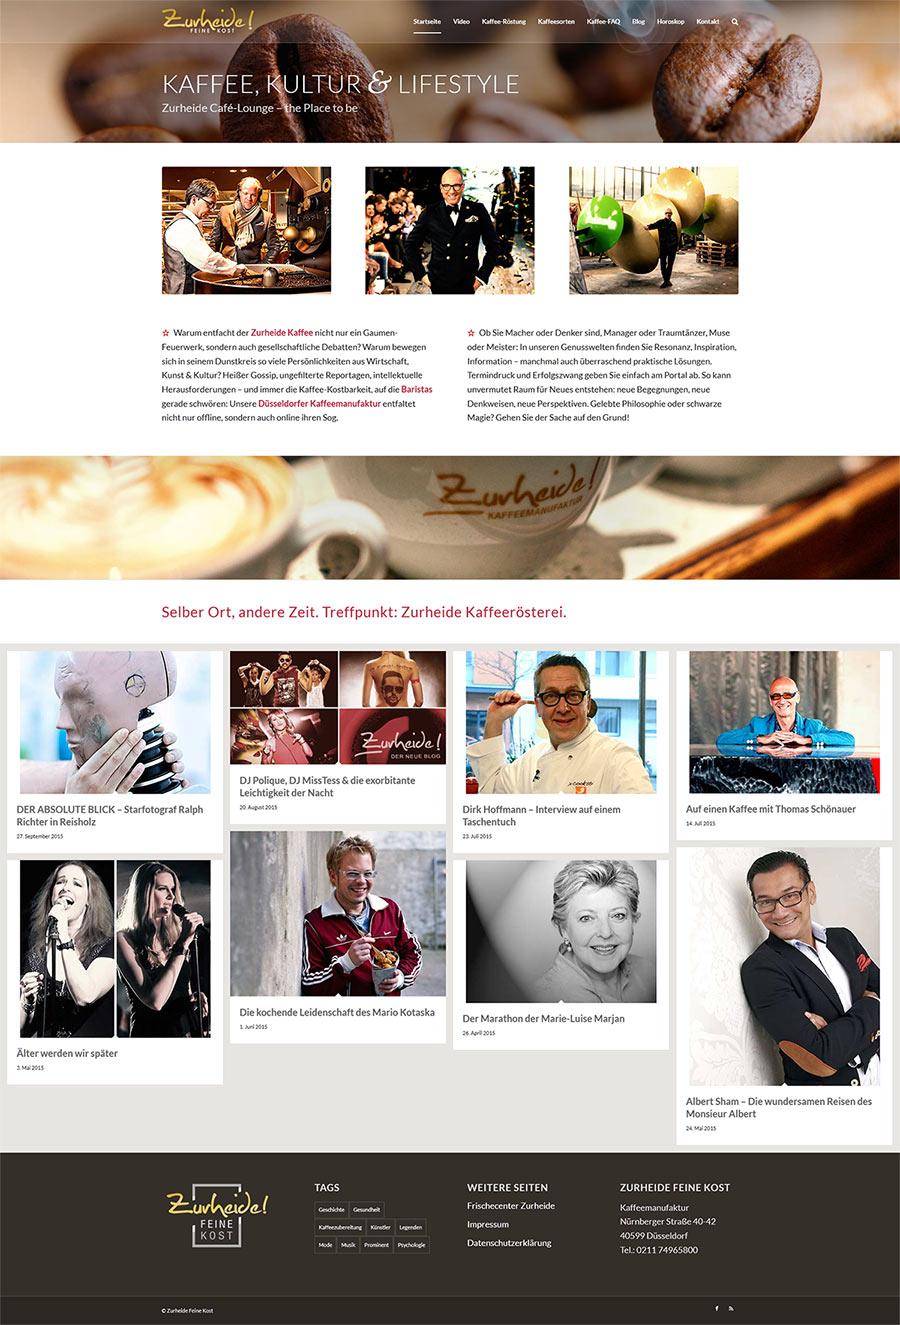 Website Zurheide Kaffee-Manufaktur Düsseldorf